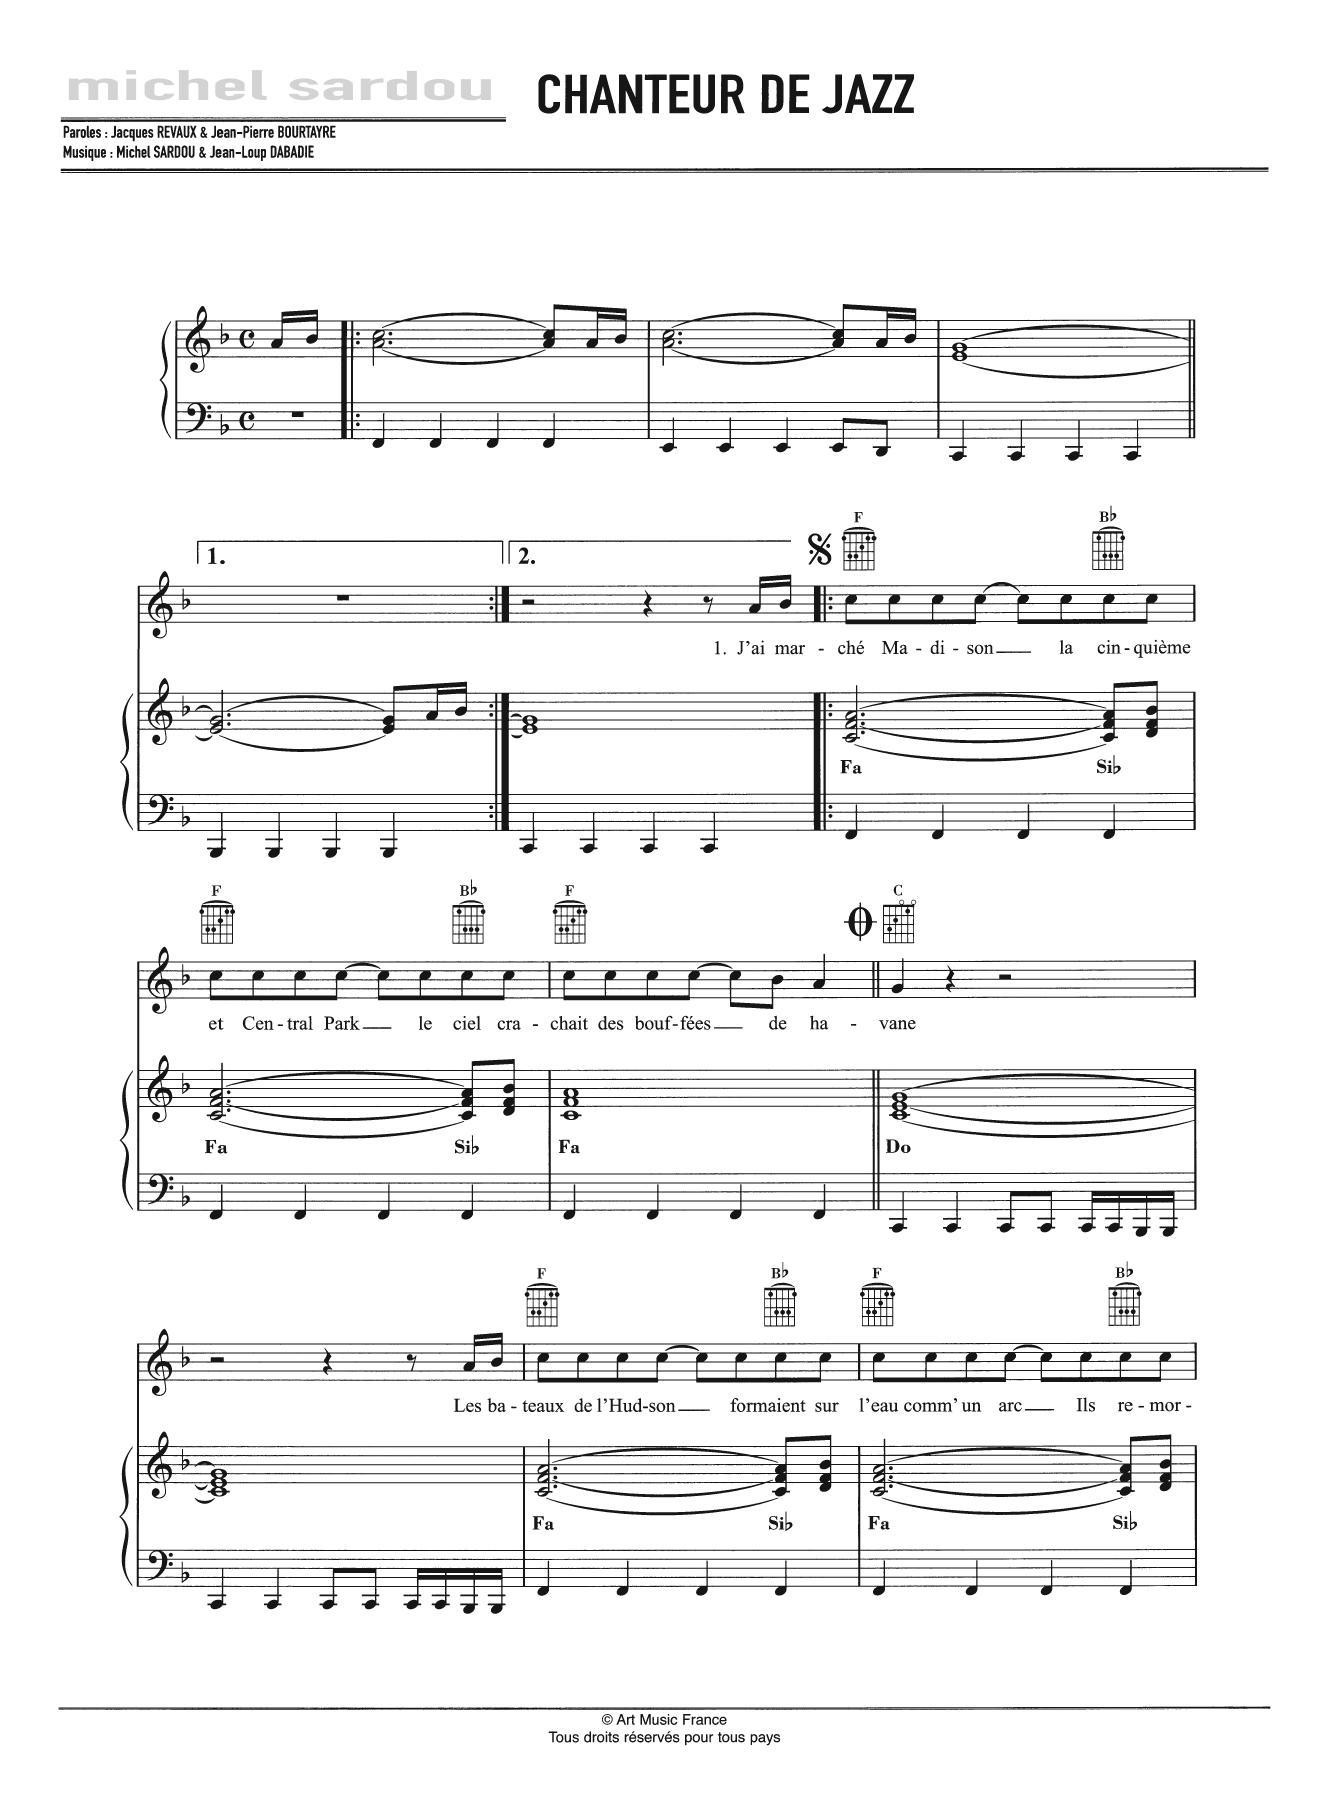 Chanteur De Jazz Sheet Music